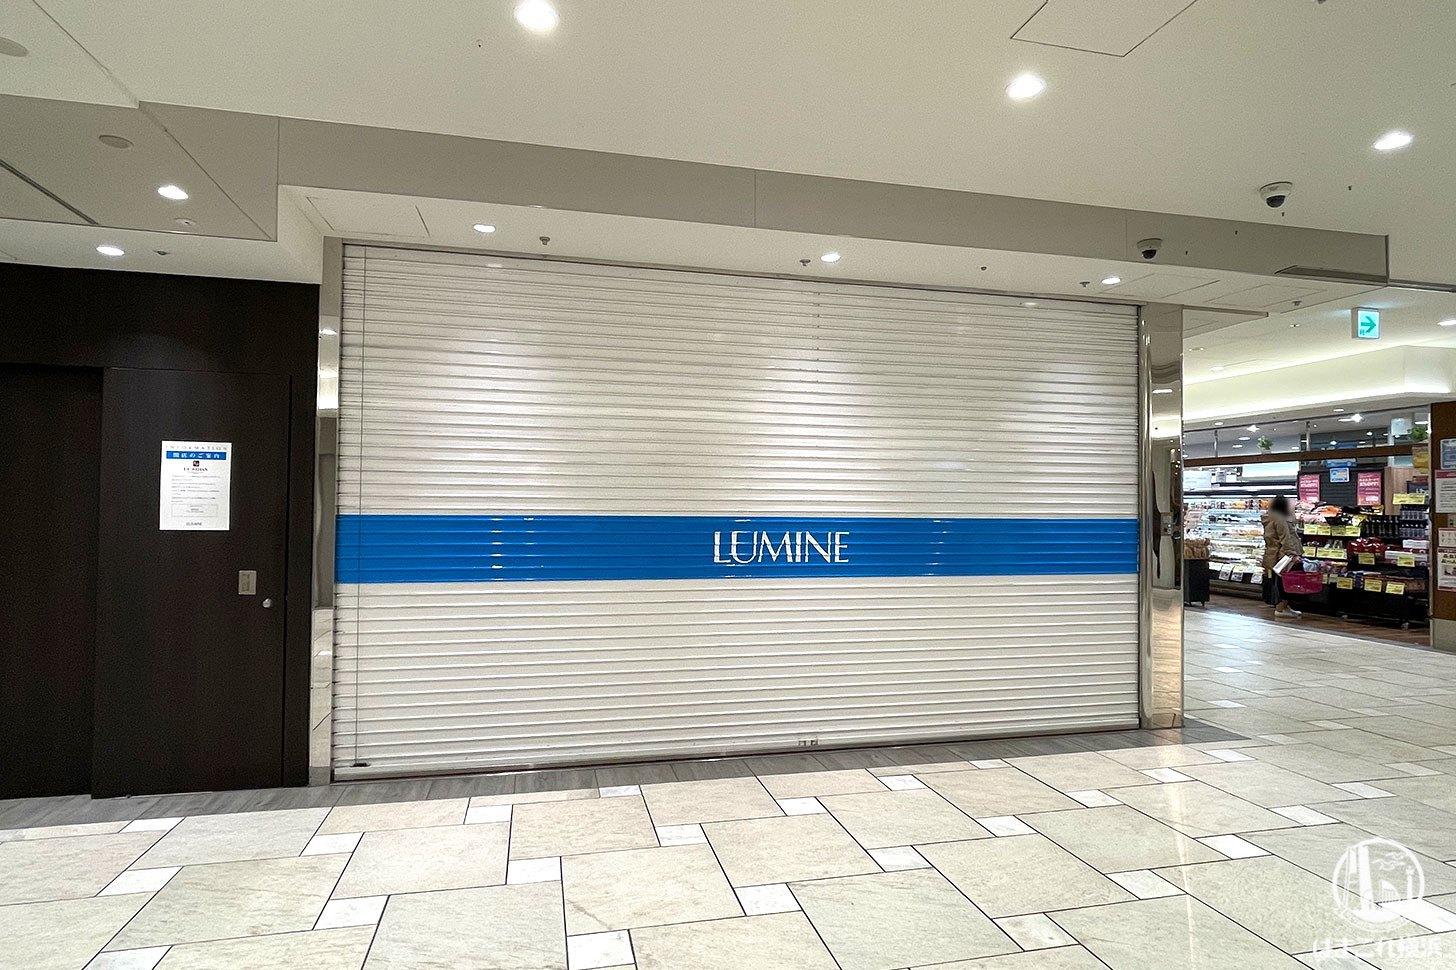 ルビアン ルミネ横浜店が2021年3月14日に閉店、跡地はプラザが拡張予定